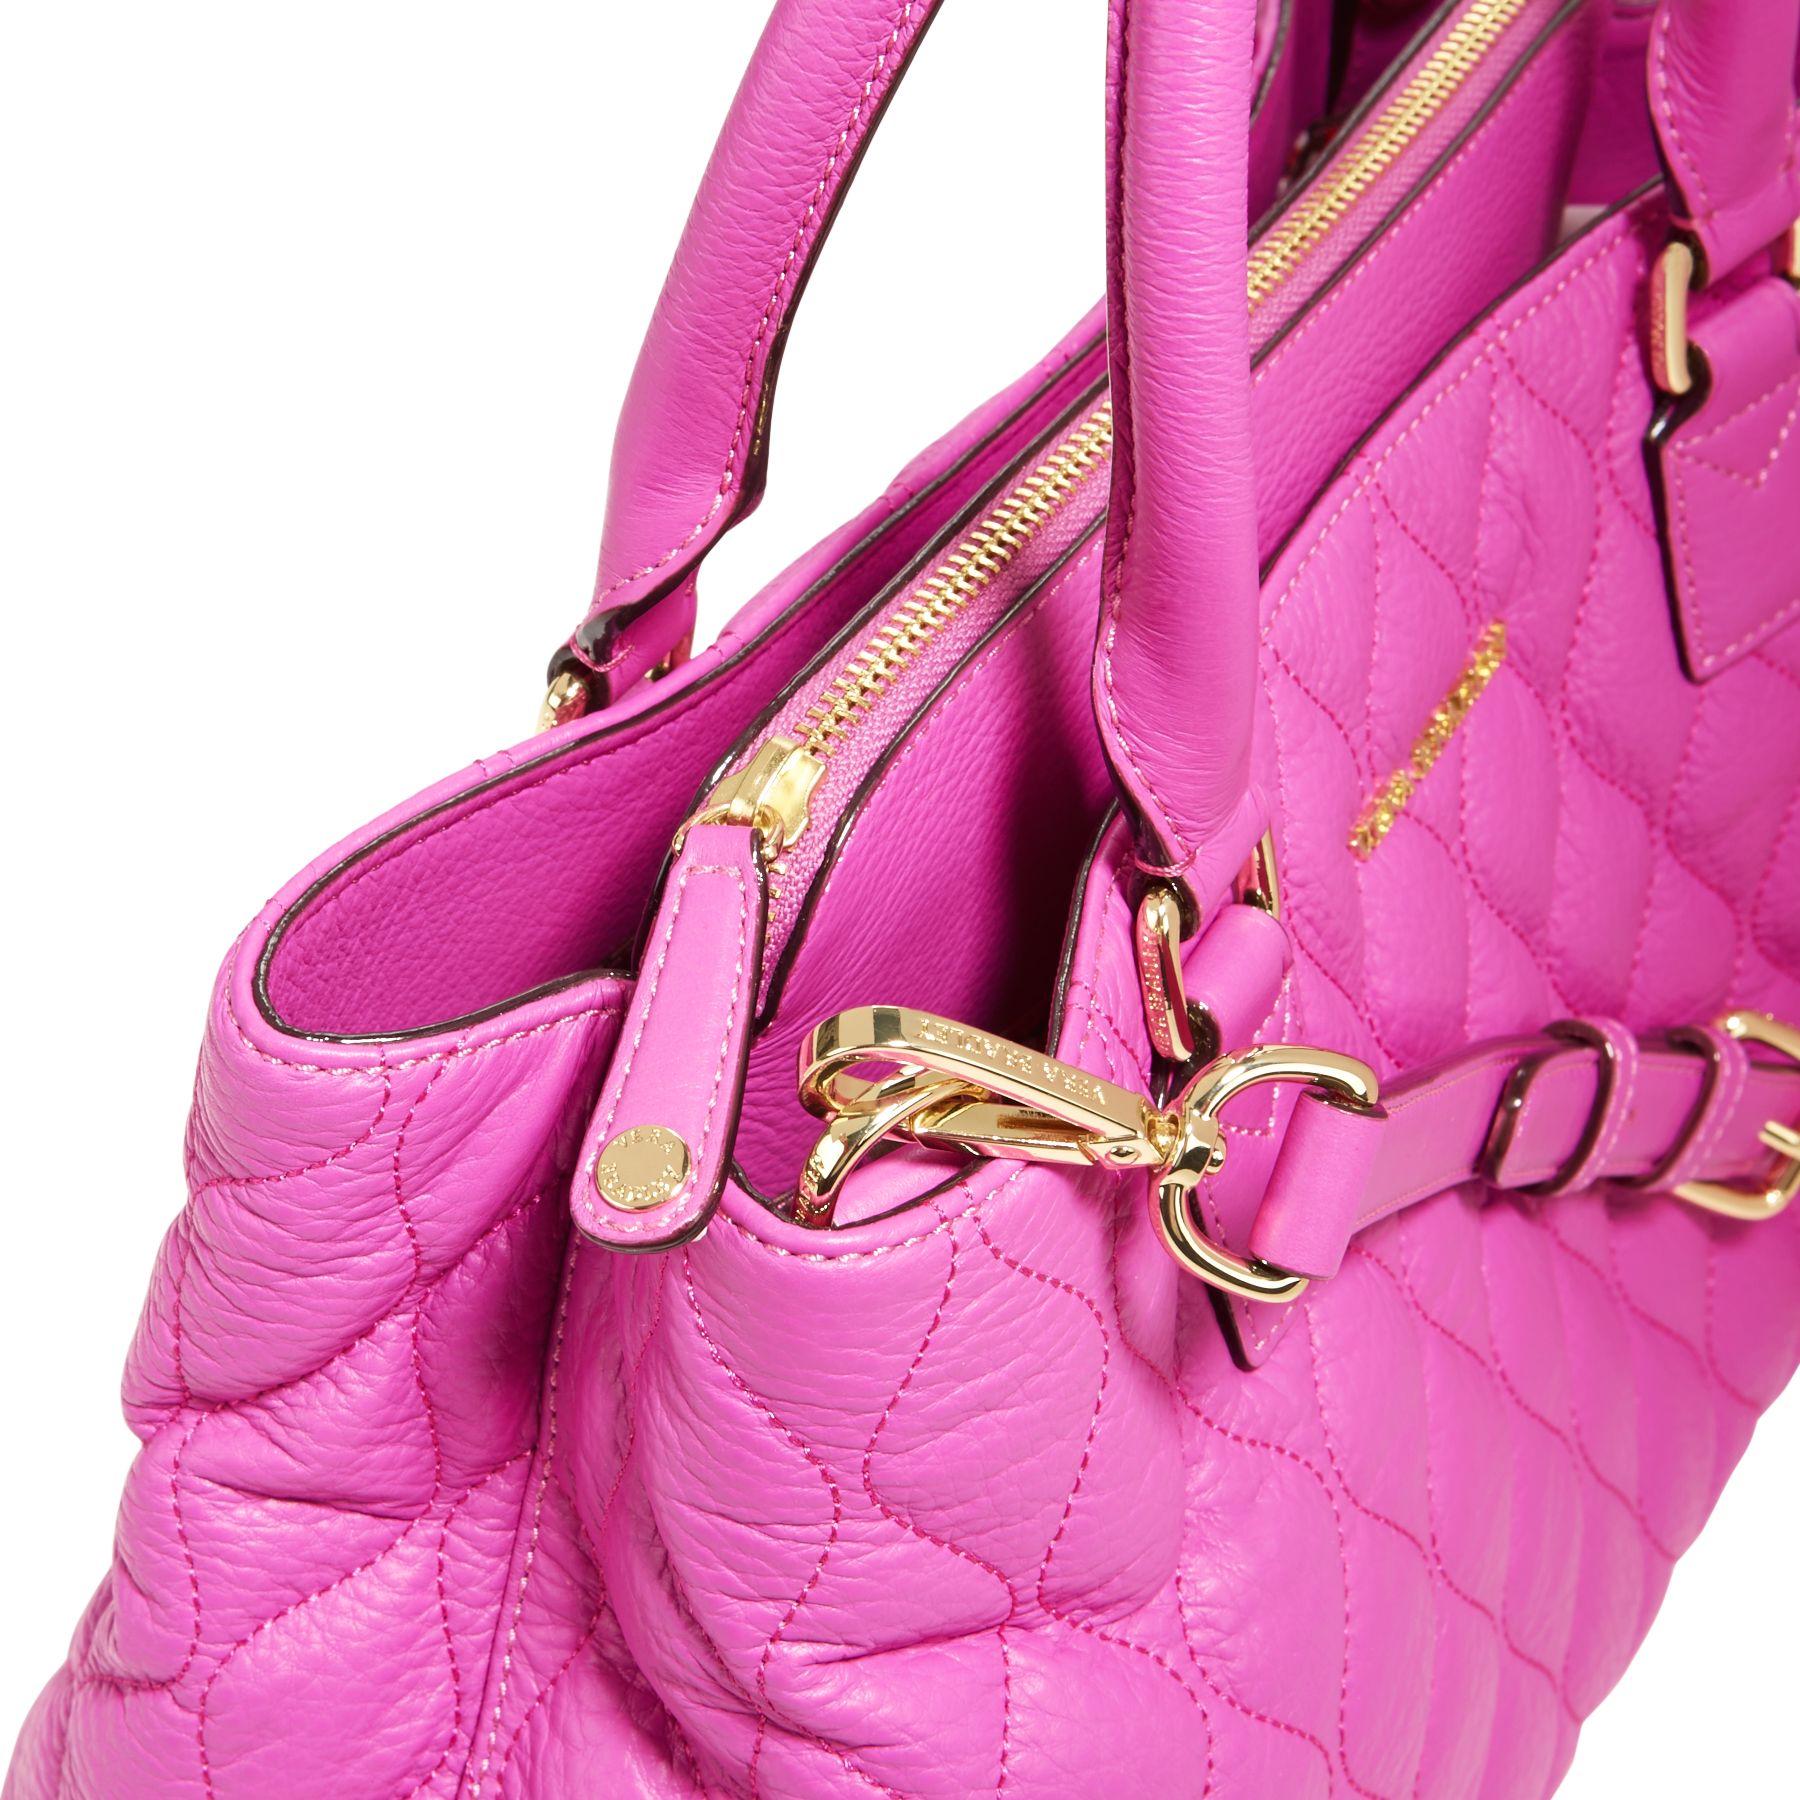 Vera Bradley Quilted Leather Emma Satchel Bag Ebay